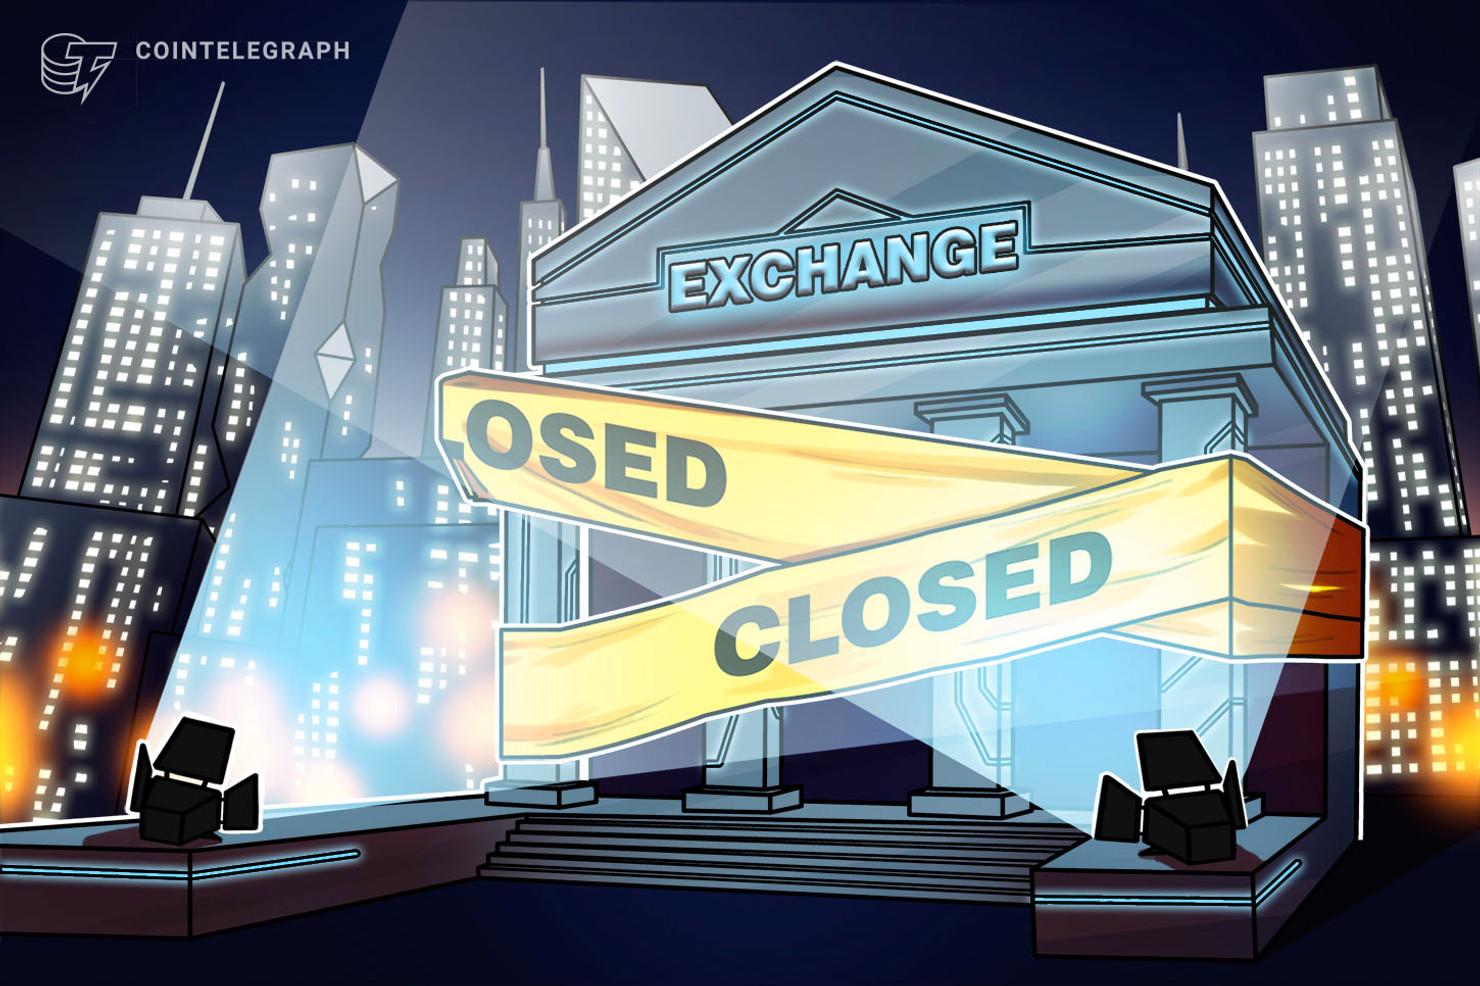 ハッキング被害のイタリアの仮想通貨取引所Altsbit、「ほぼ全ての資産を失う」5月に営業停止へ【ニュース】